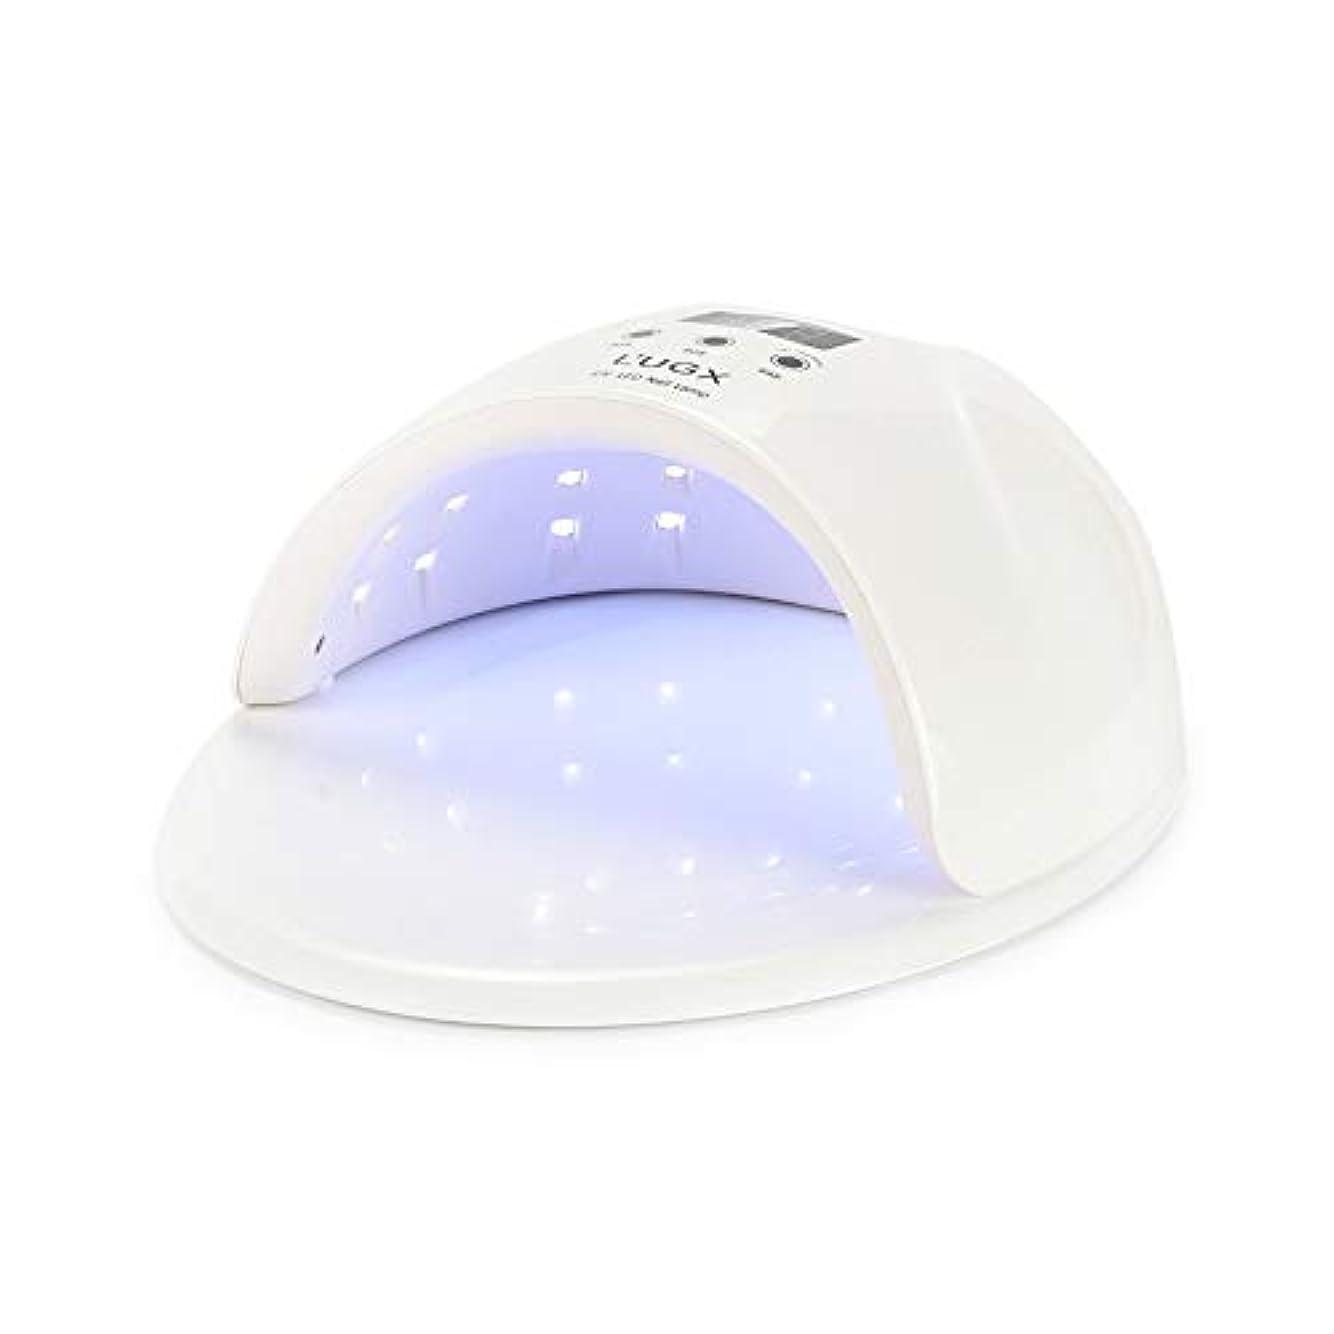 ジェルネイルランプ、3タイマー設定付き50W UV LEDジェルネイルドライヤー - ジェルネイルポリッシュランプ